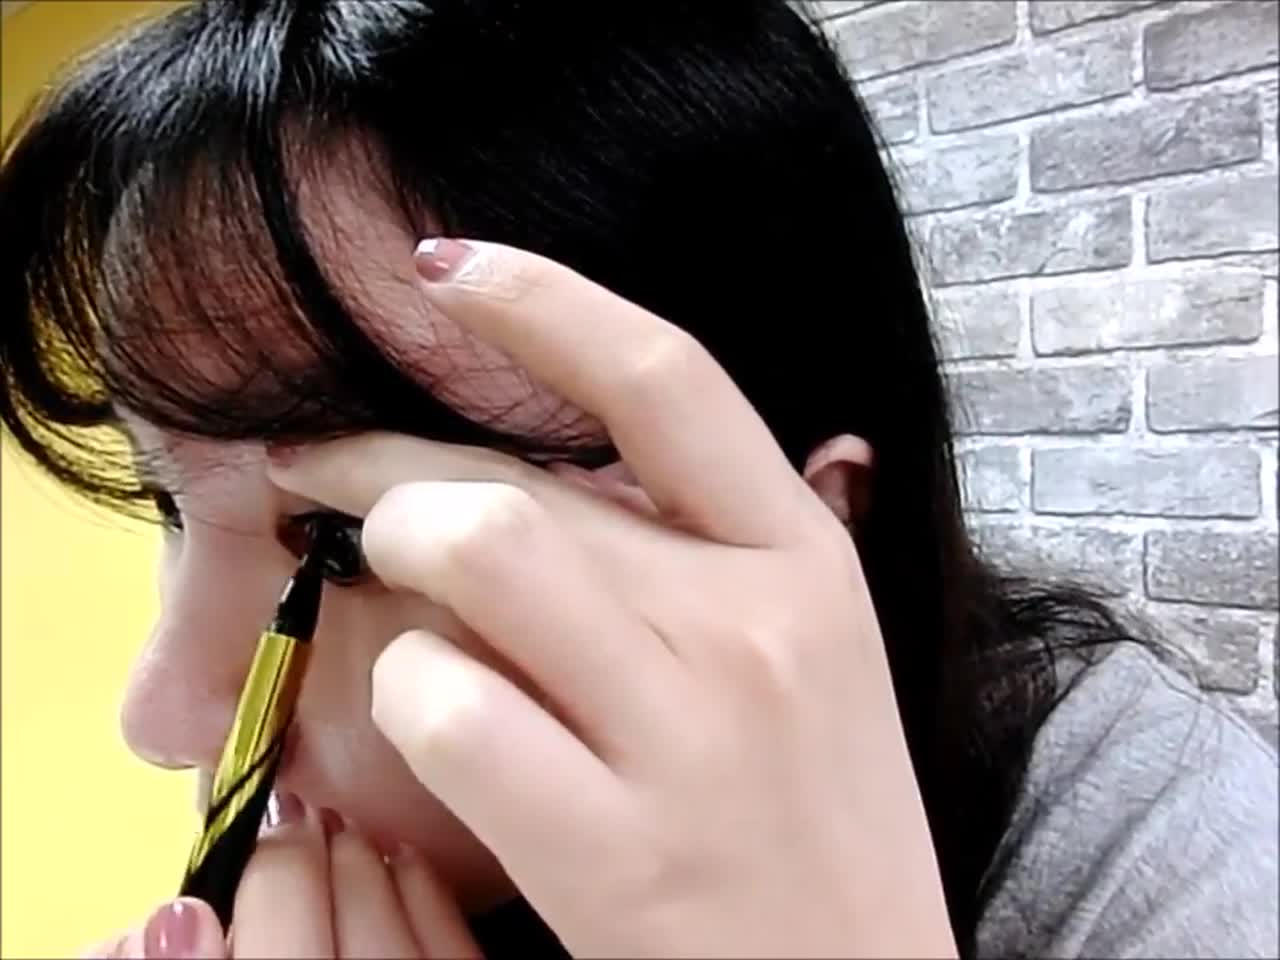 這隻超激細抗暈眼線液因為它超纖細的筆頭,所以在畫內眼線時一點負擔也沒有,可以輕鬆填補睫毛之間的空隙。